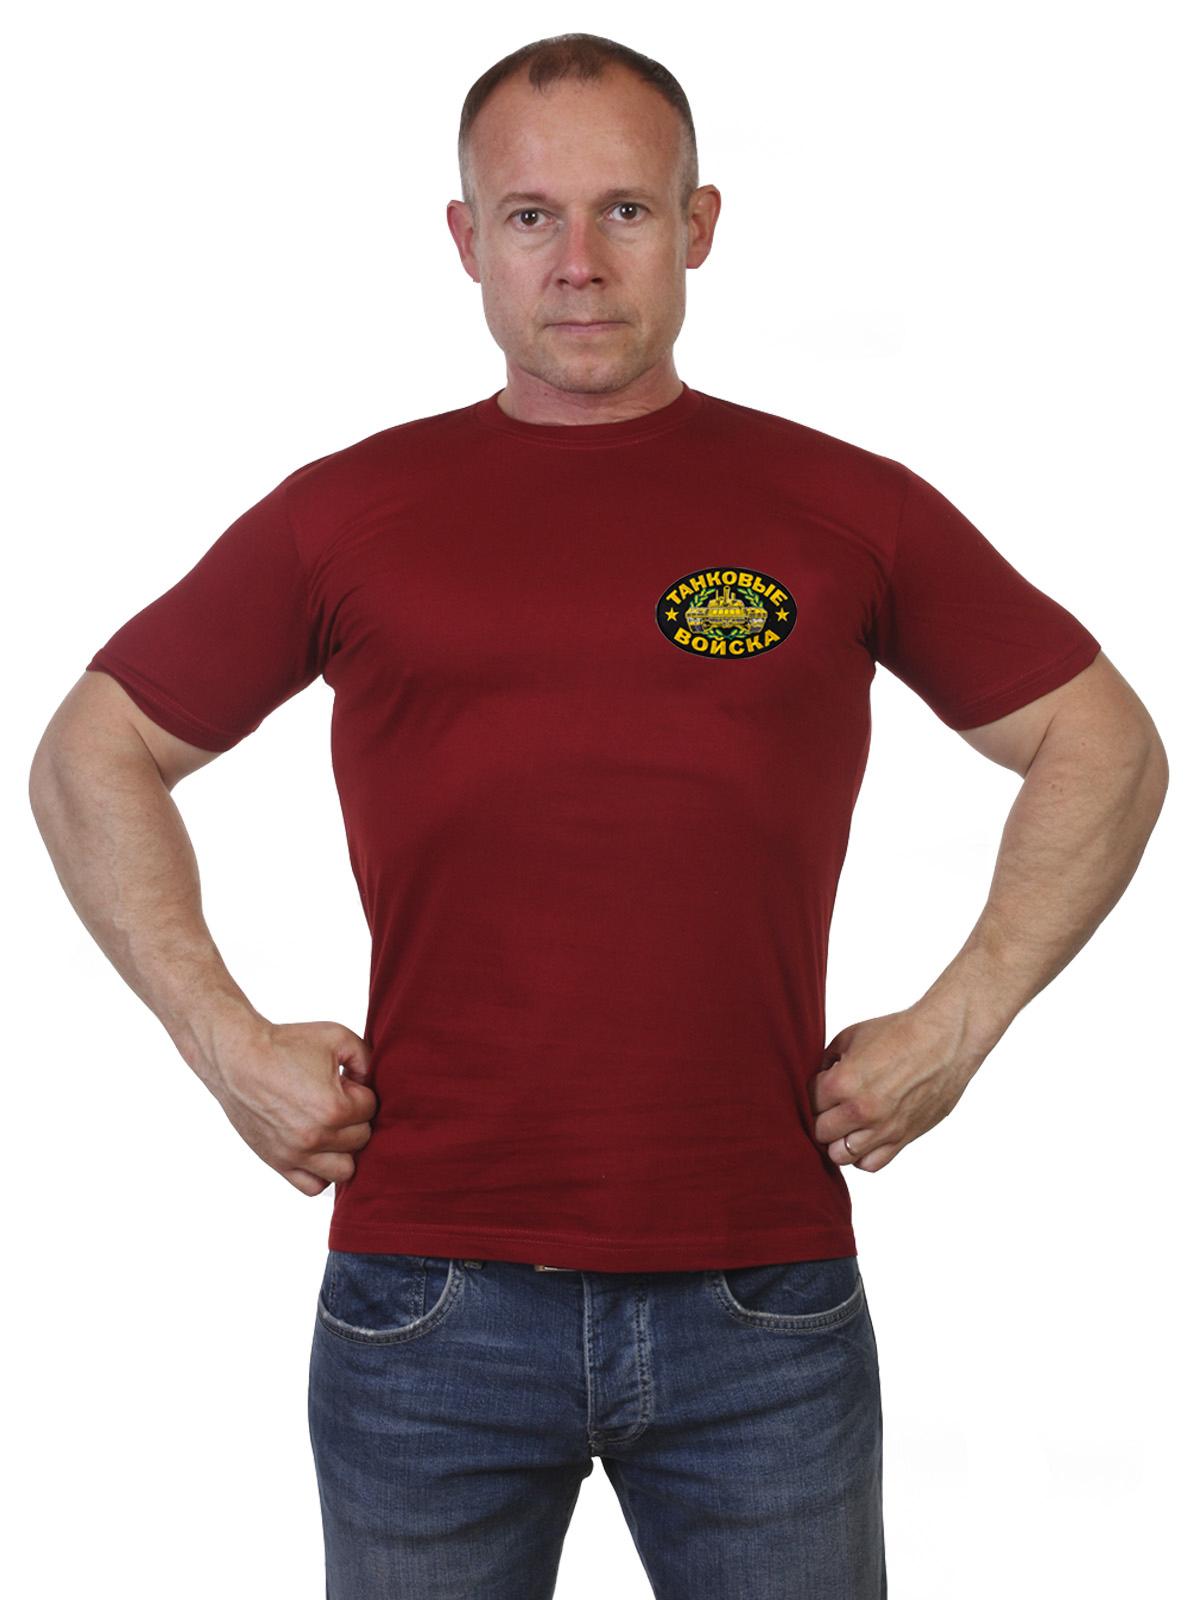 Заказать футболку танкиста